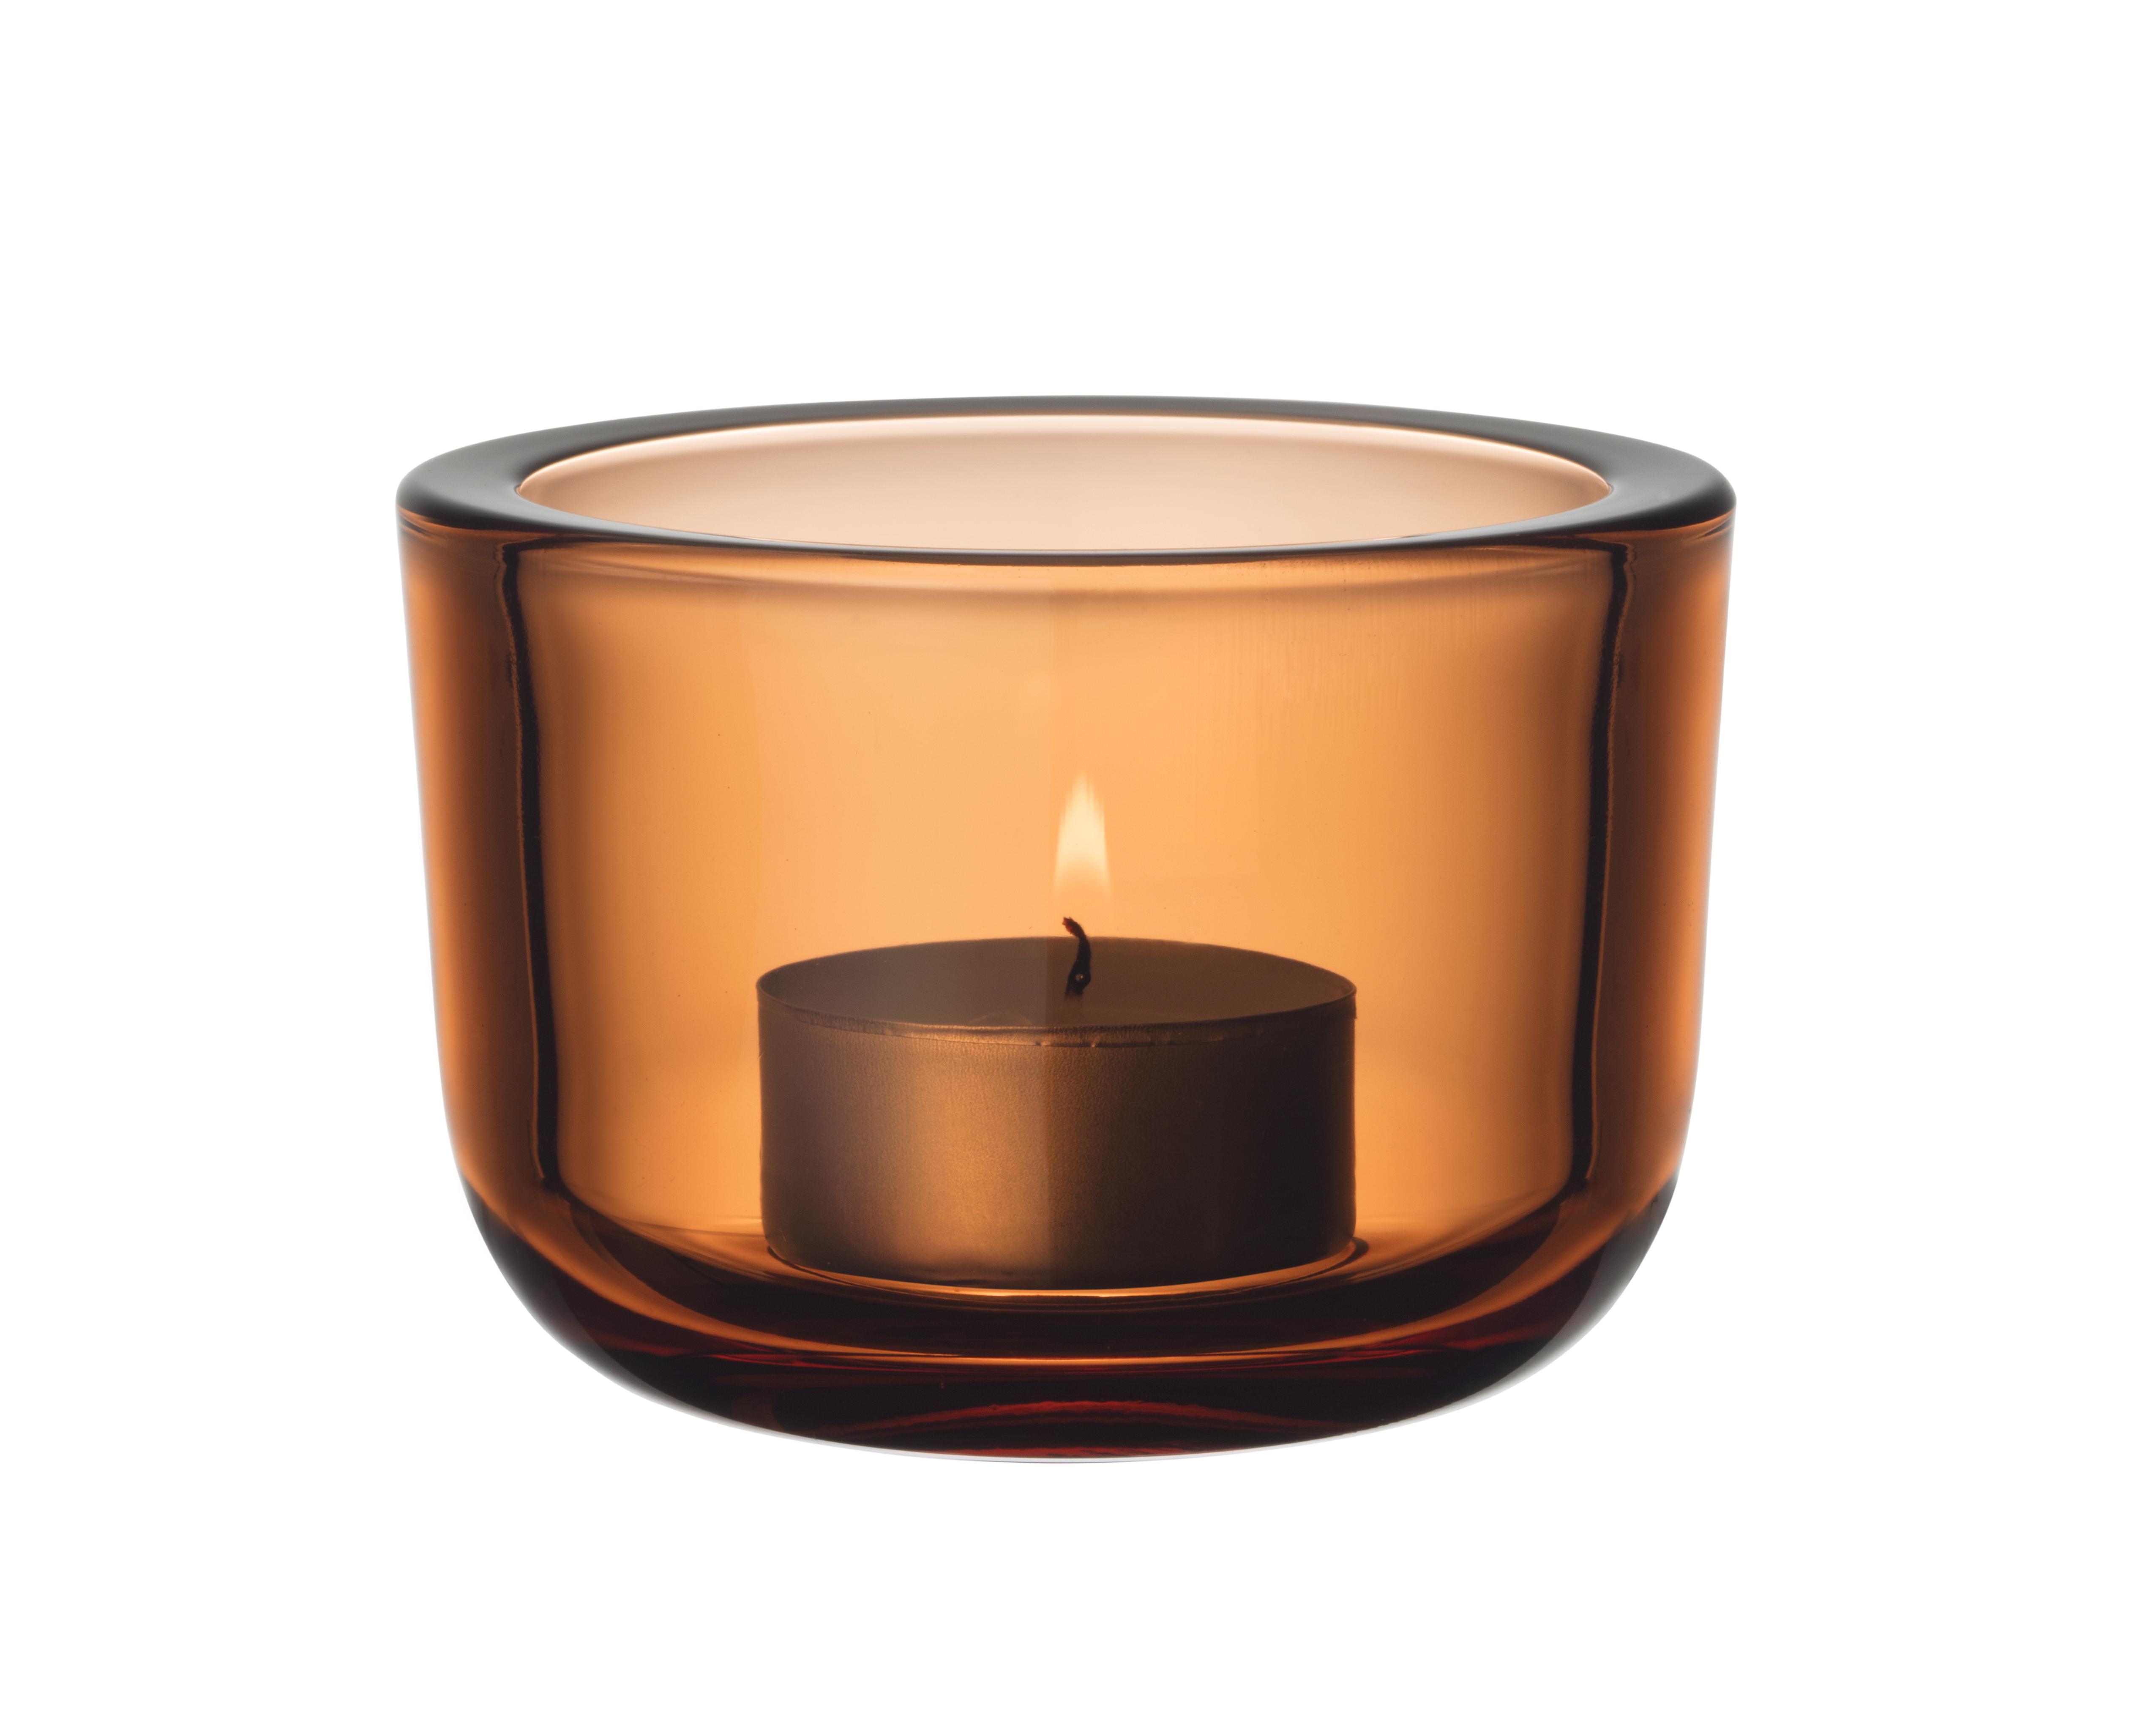 Iittala Valkea fyrfadsstage, 6 cm, orange